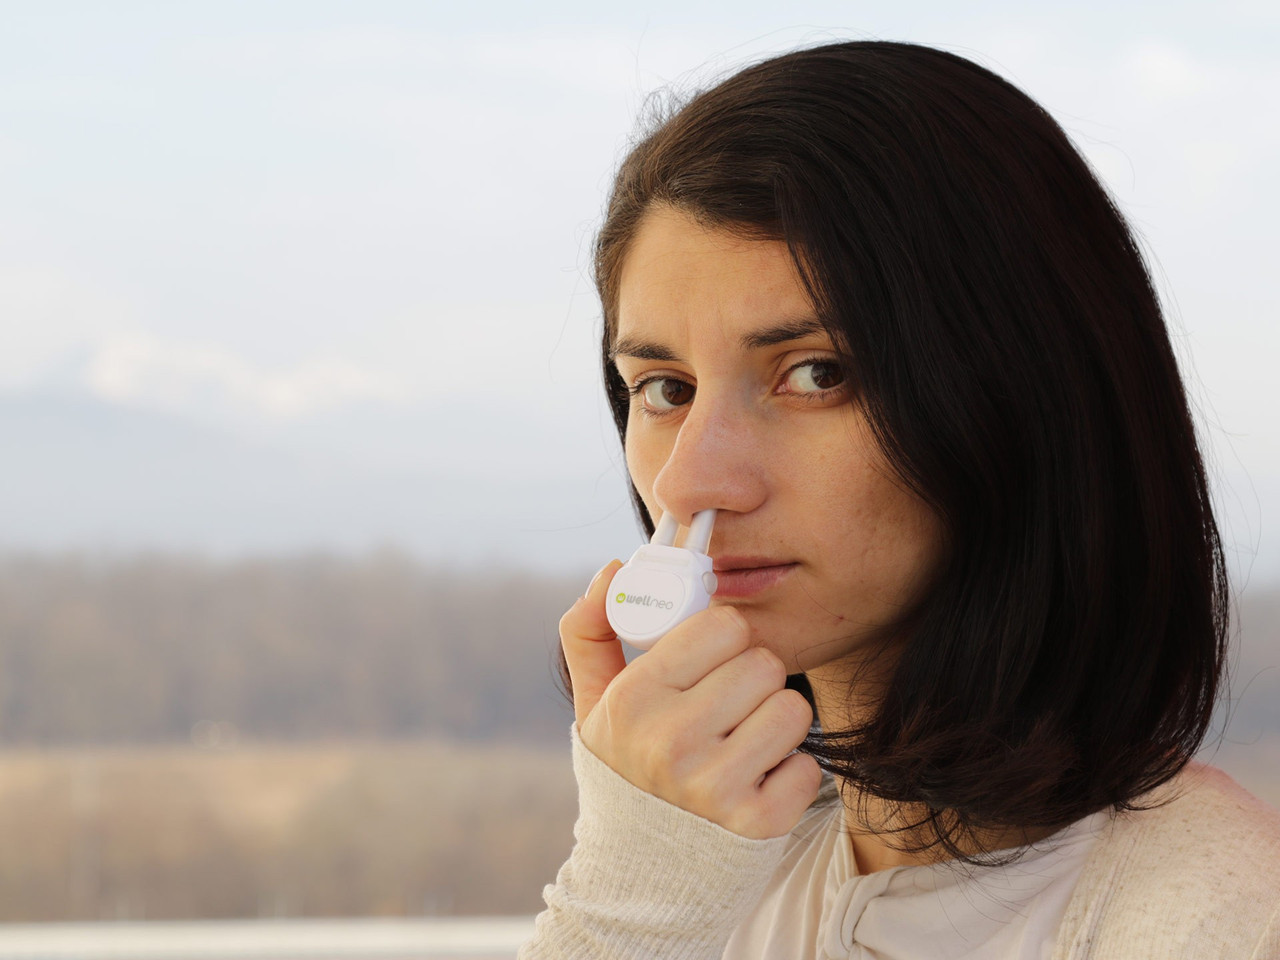 Прибор от аллергии Allergy reliever Wellneo